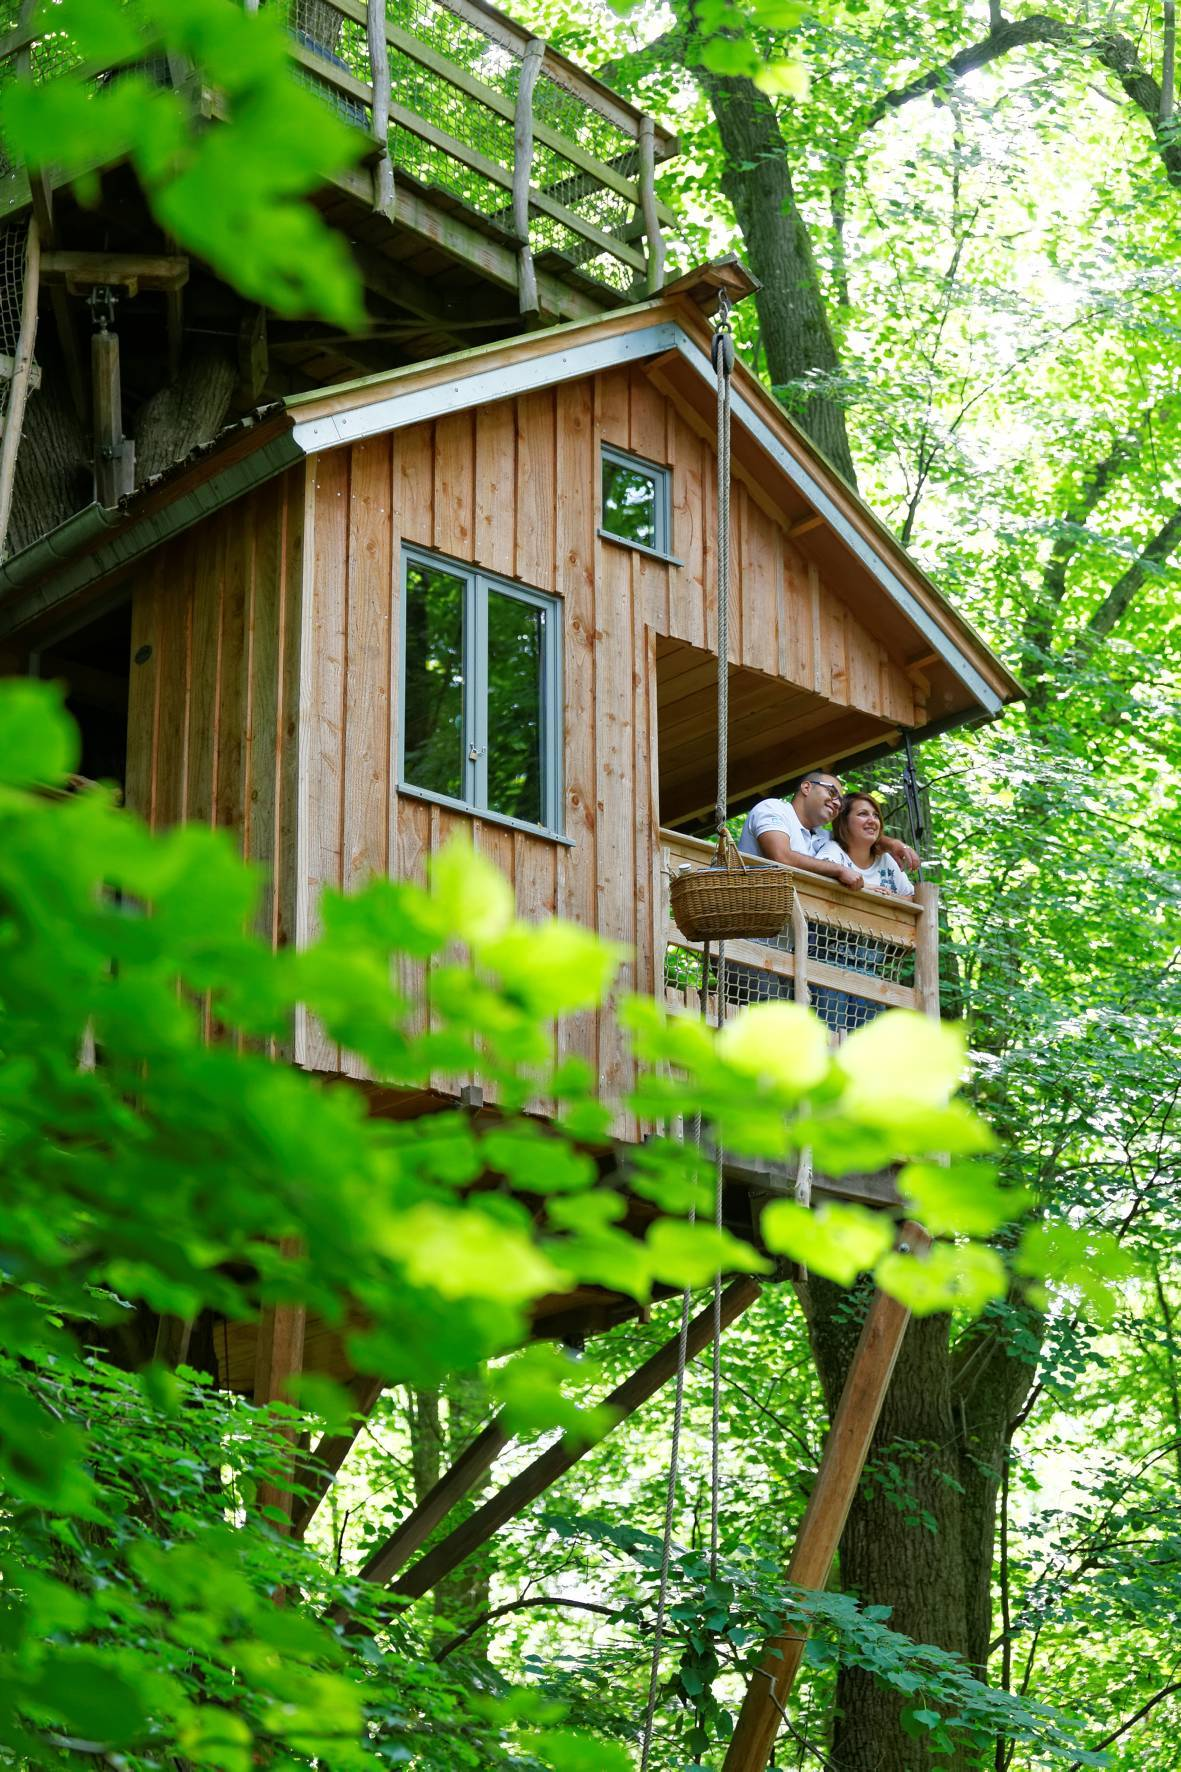 Cabane En Bois Dans Les Arbres : le mouvement, dans les sensations, alors choississez les plum'arbres